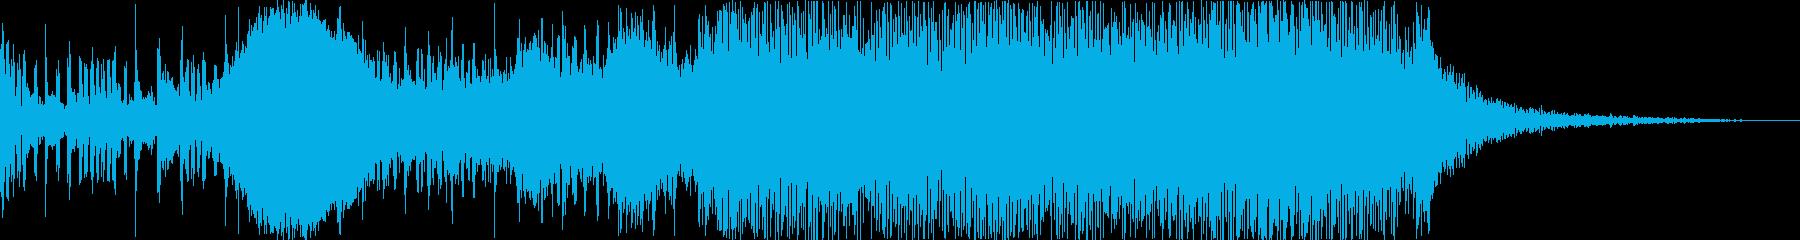 これは、攻撃的で容赦ない吸盤を駆動...の再生済みの波形